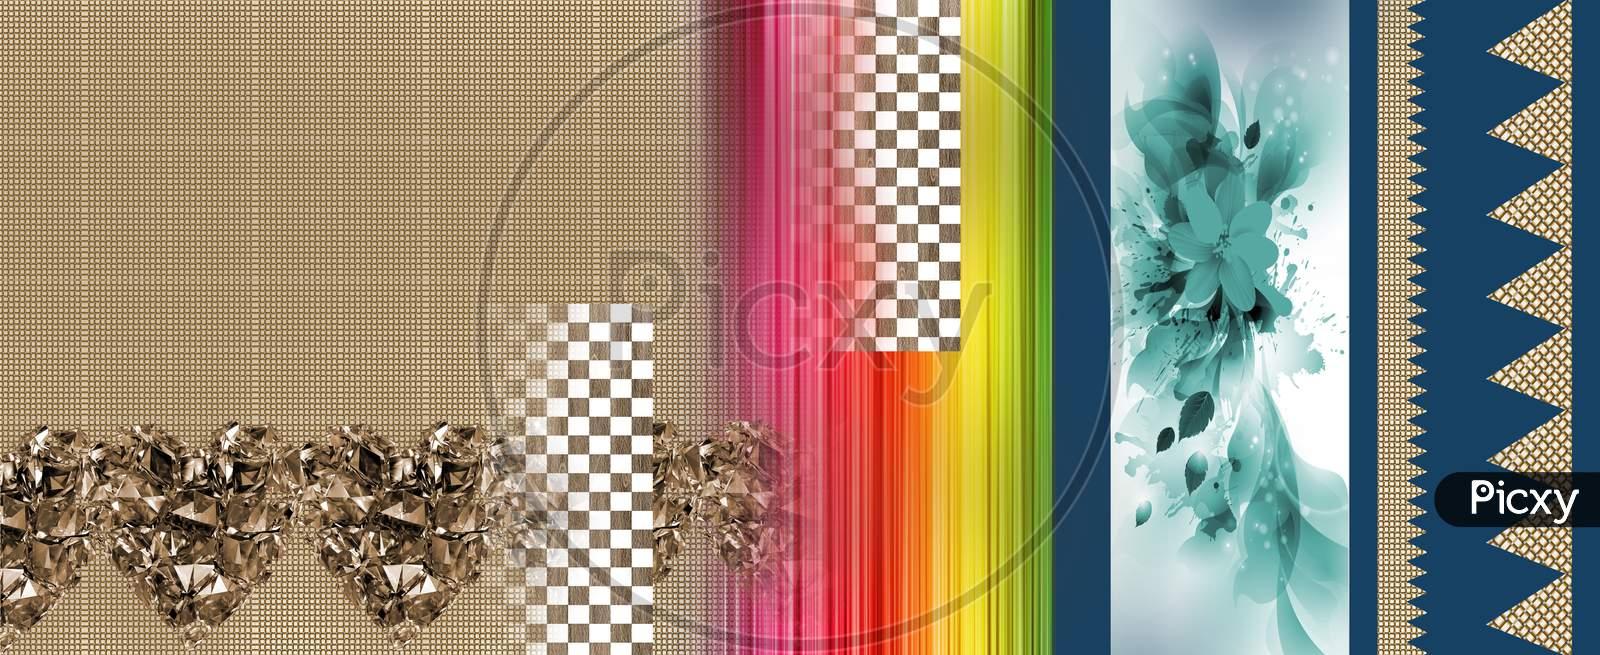 DIGITAL TEXTILE DESIGN AND DESIGN PATTERN